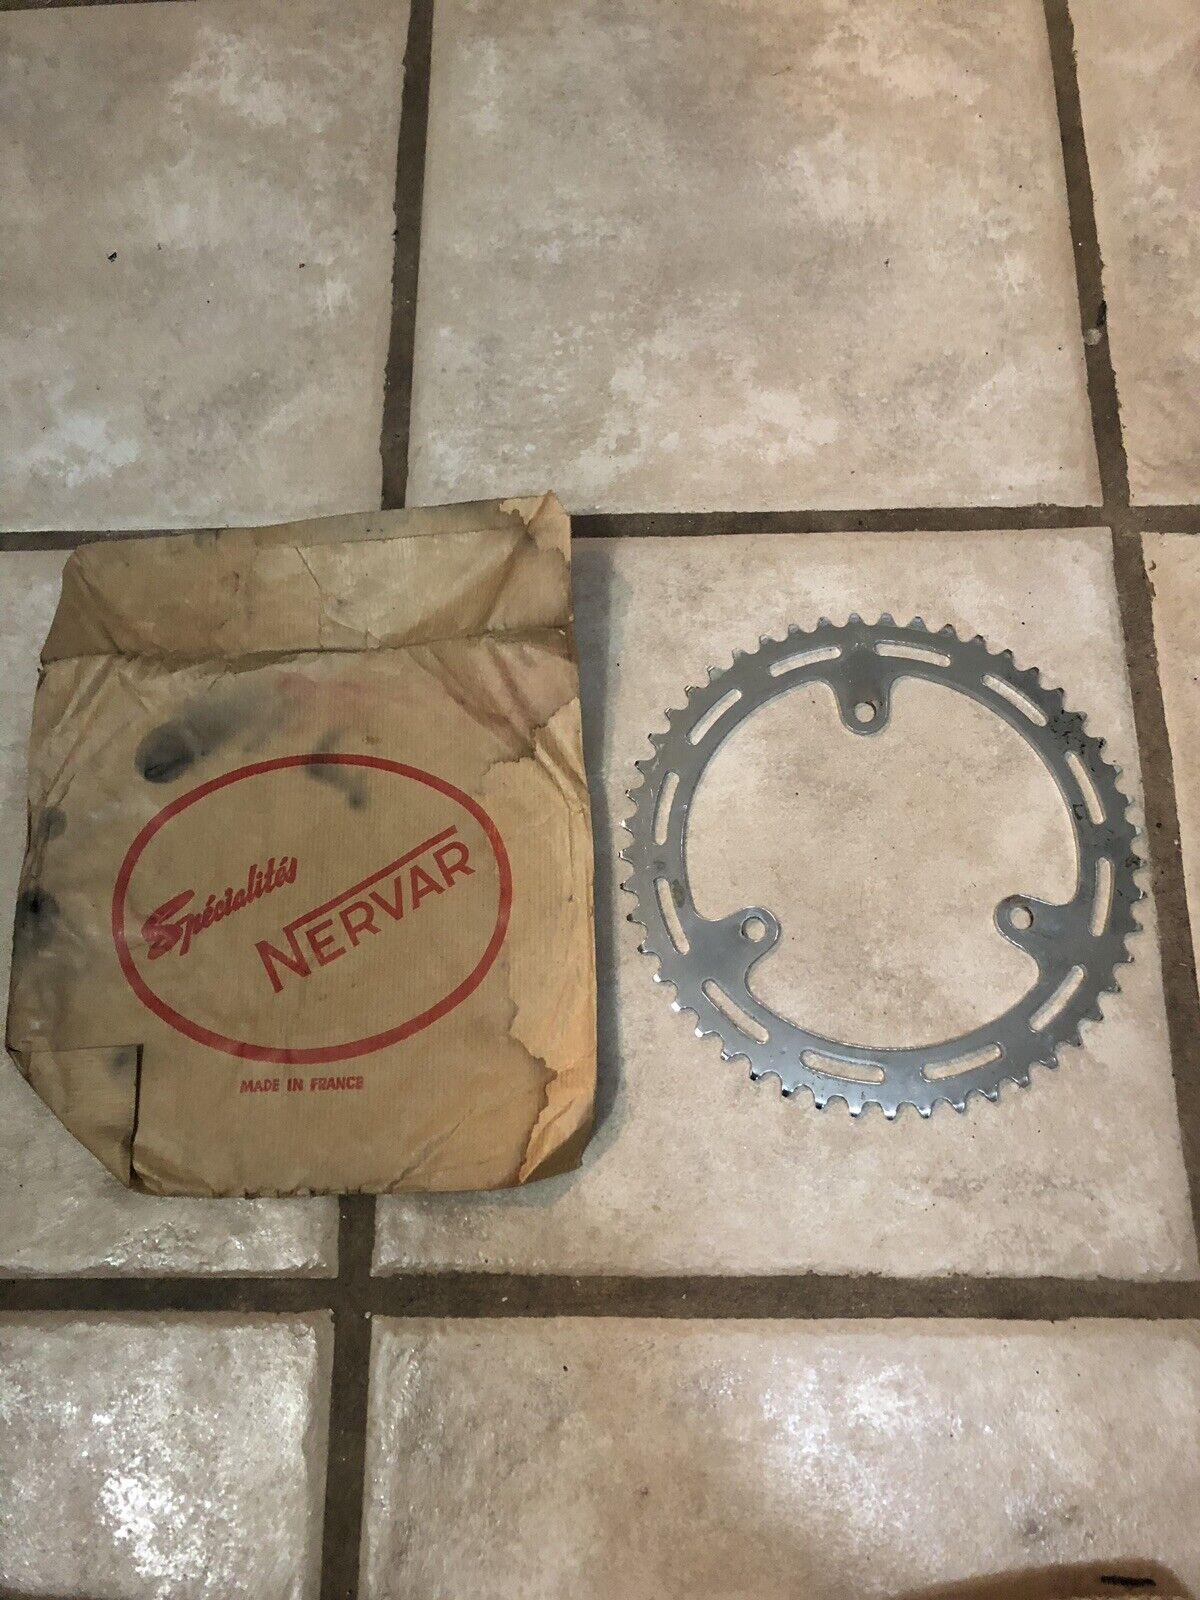 Rare Vintage NOS Nervar 49t  Chrome Road Bike Chain Ring-For 3 Arm Cranks-France